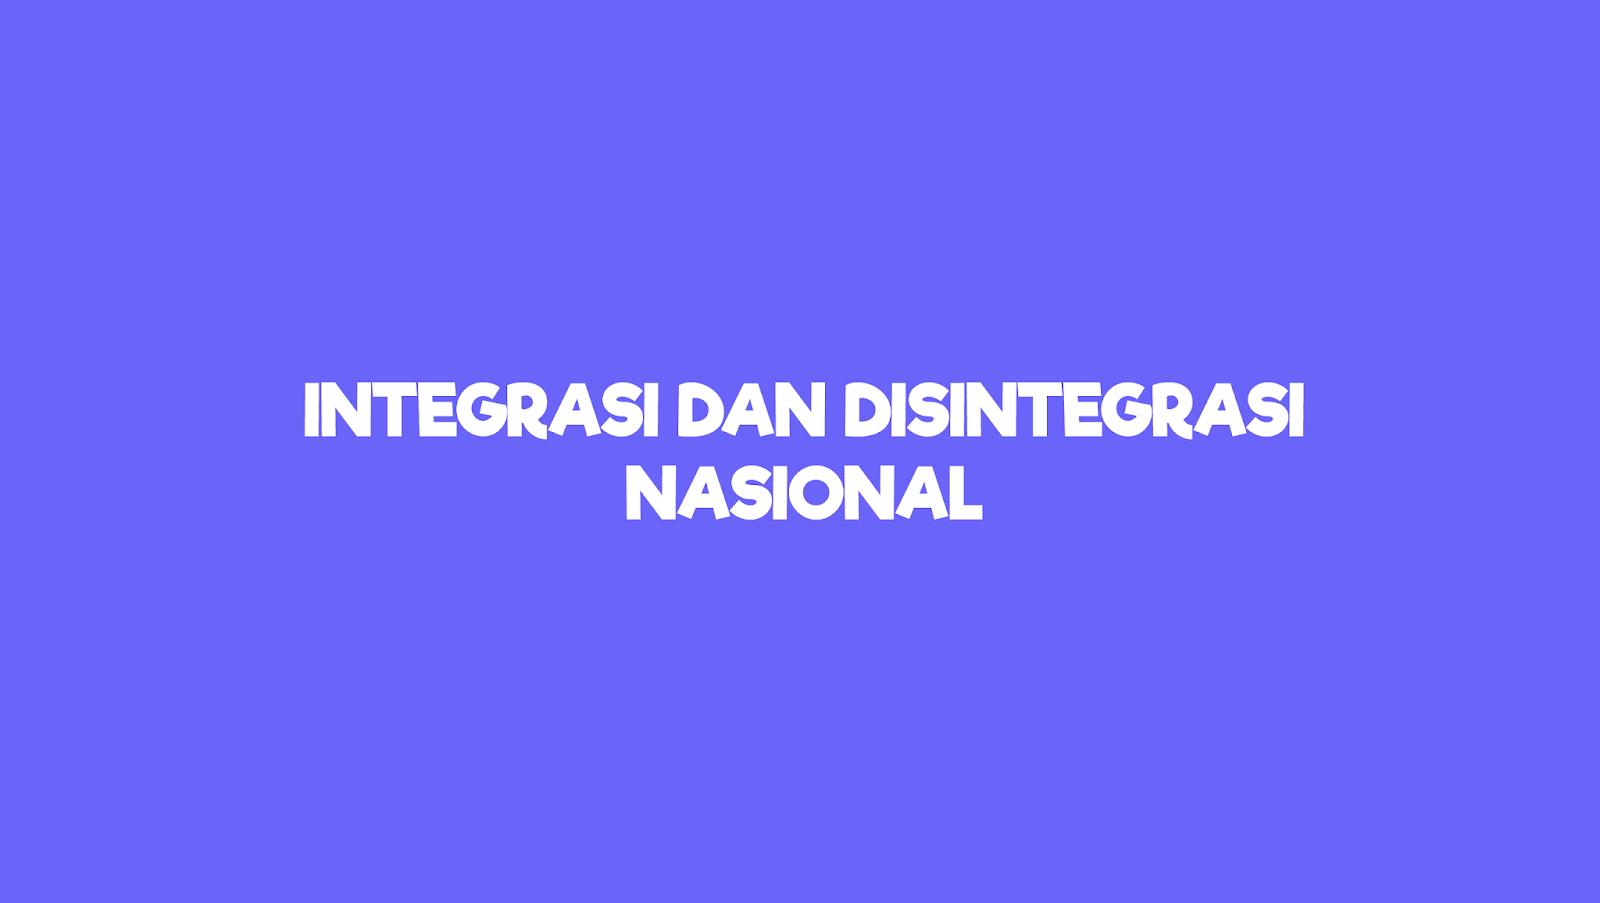 Integrasi dan Disintegrasi nasional